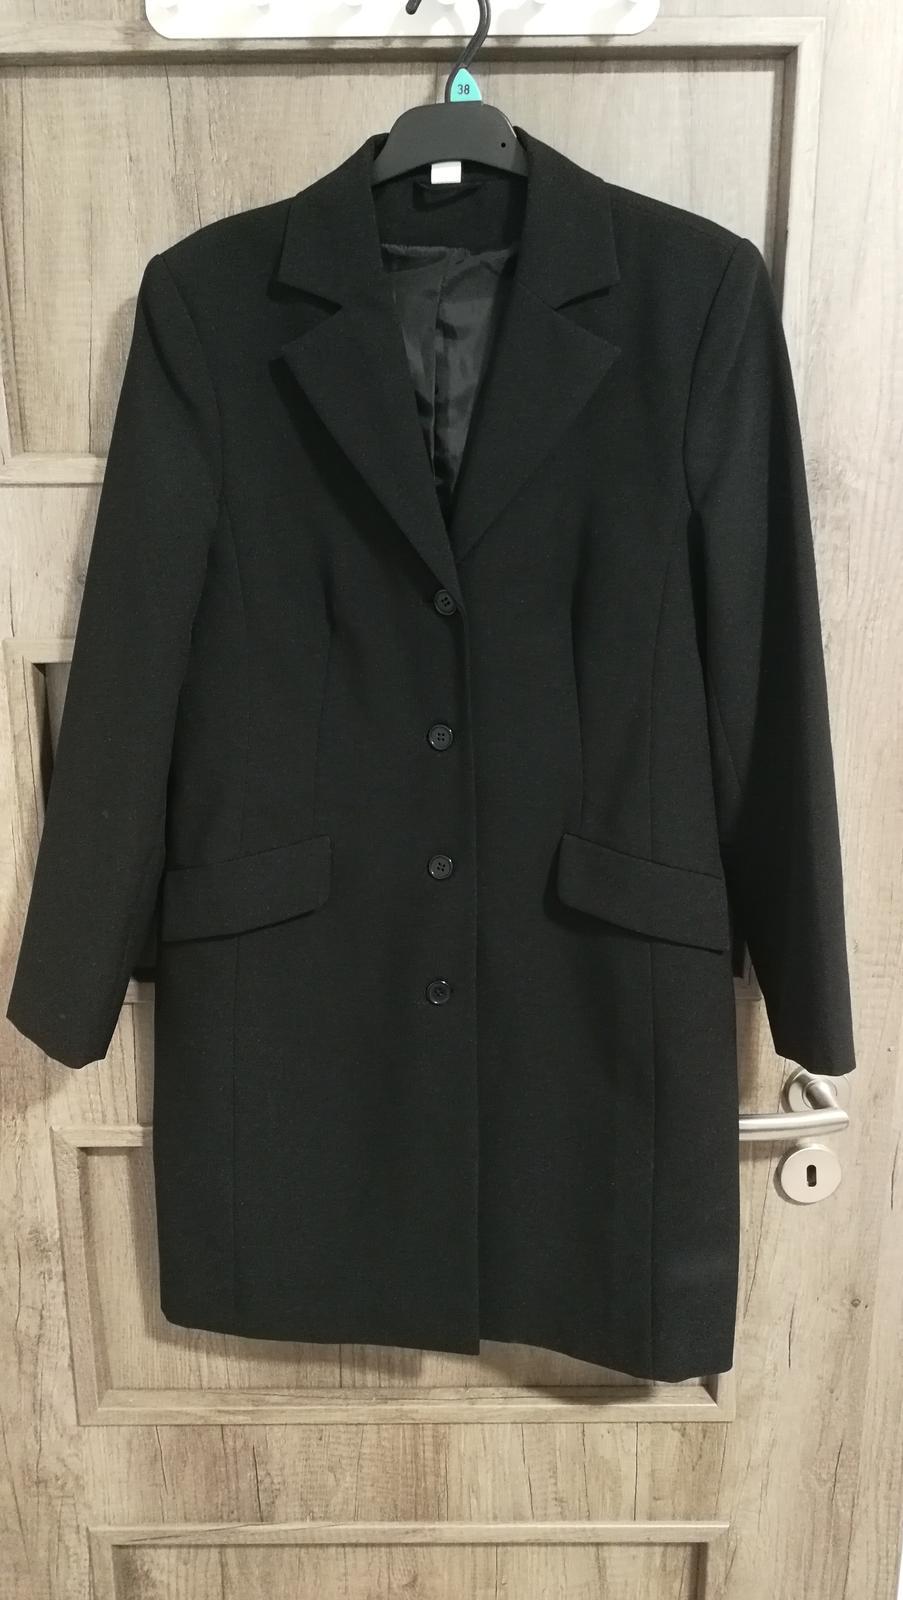 Dámský černý kabátek - zkrácená velikost 19 - Obrázek č. 1